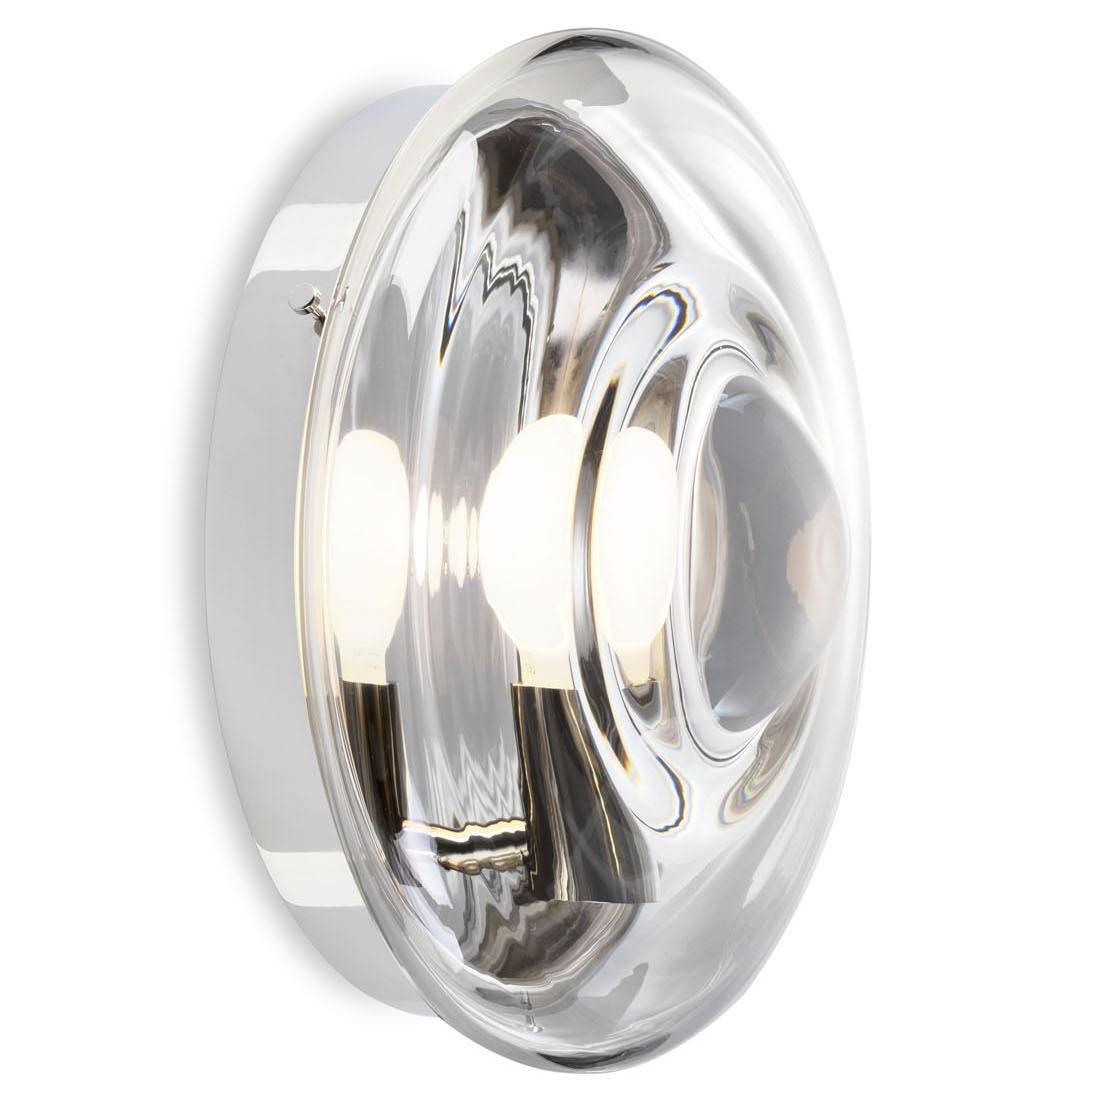 Bomma designová nástěnná svítidla Orbital Wall